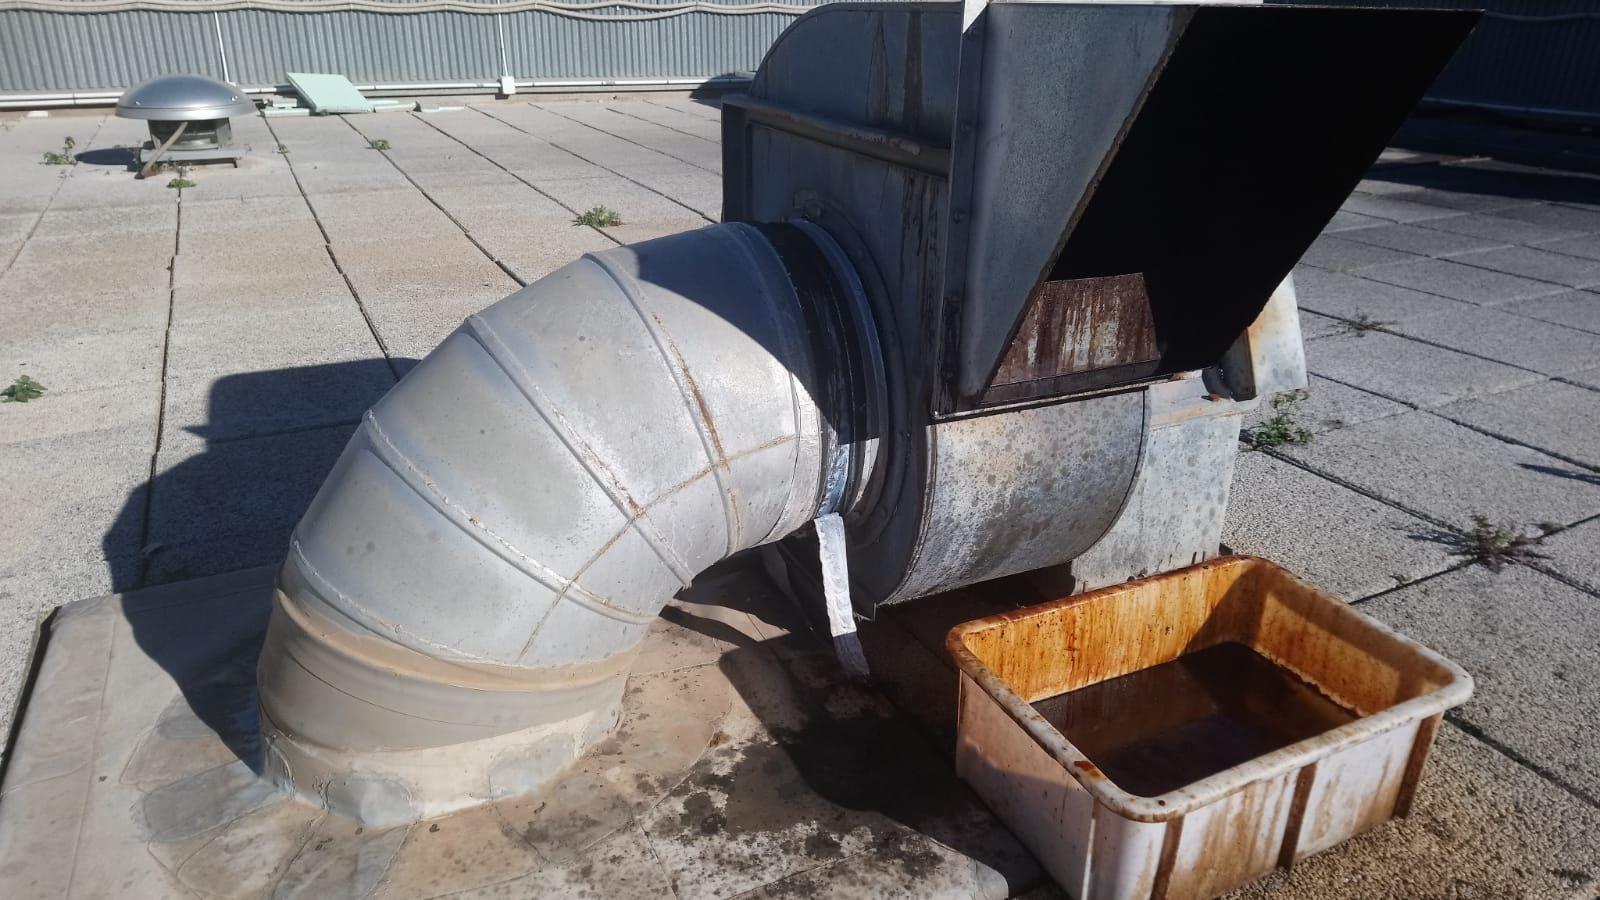 Limpieza de extractores de cocina industrial en Valencia